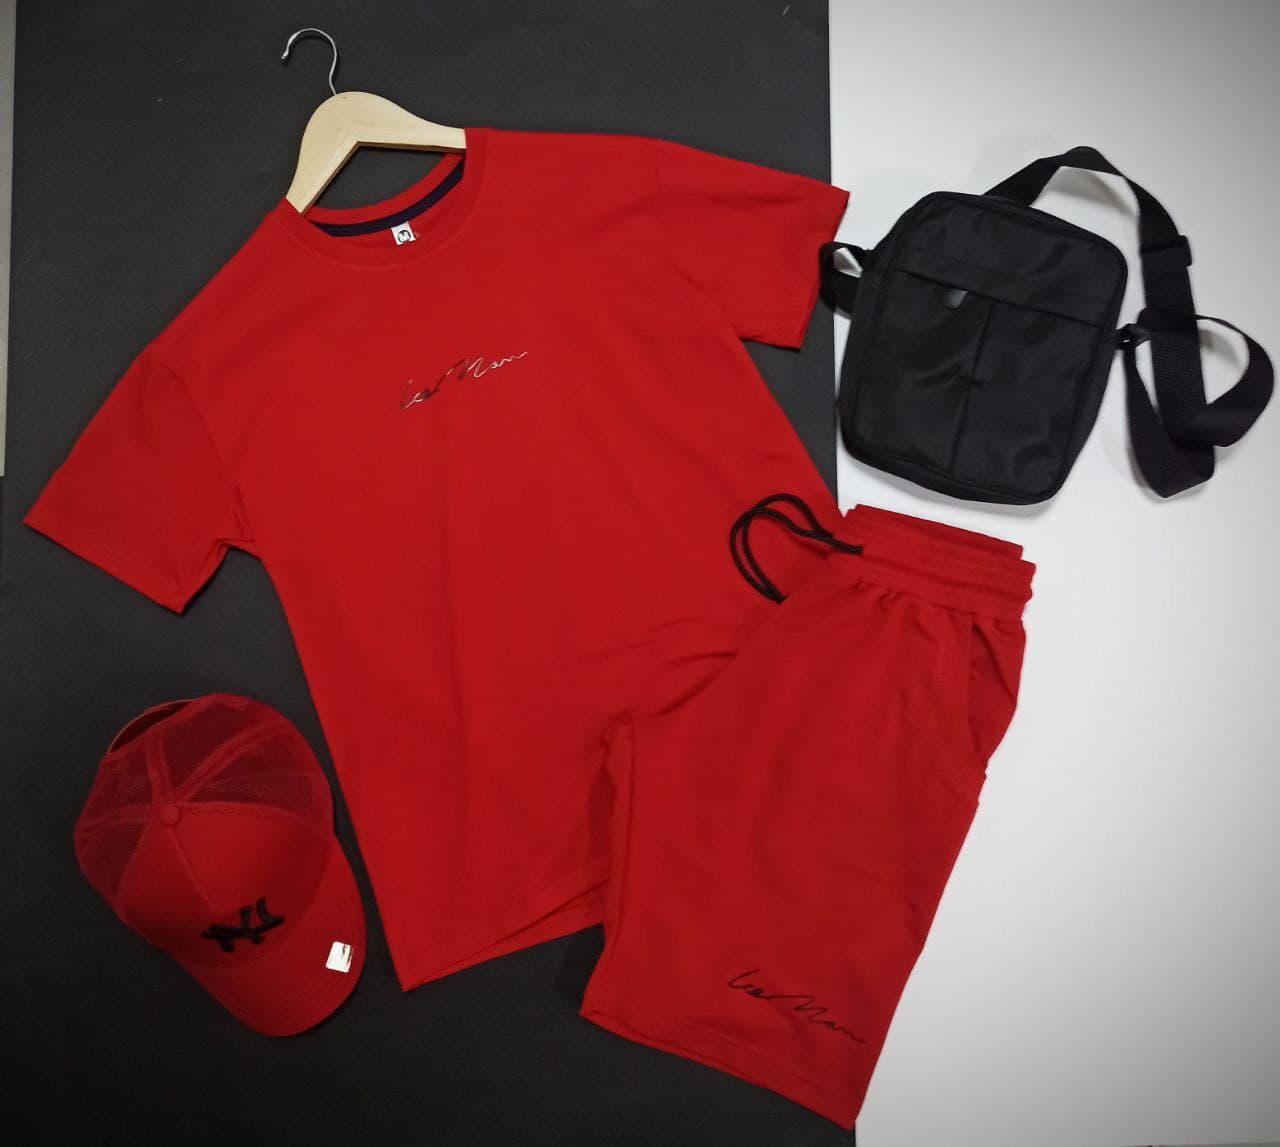 Мужской летний прогулочный комплект шорты и футболка красного цвета с сумкой месседжером